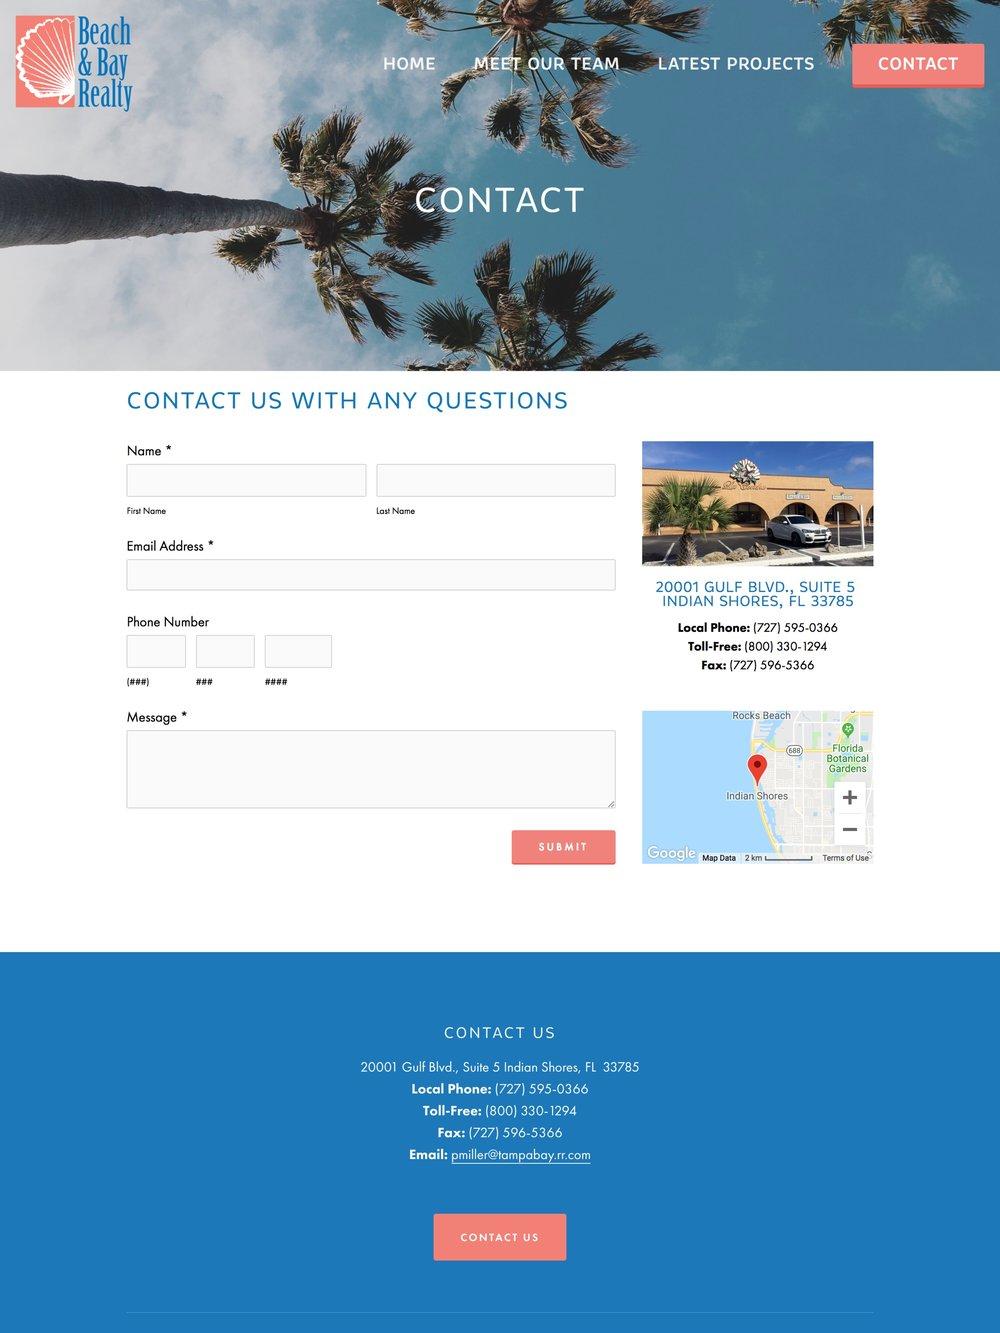 screencapture-beachandbayrealty-contact-2019-03-14-13_52_30.png